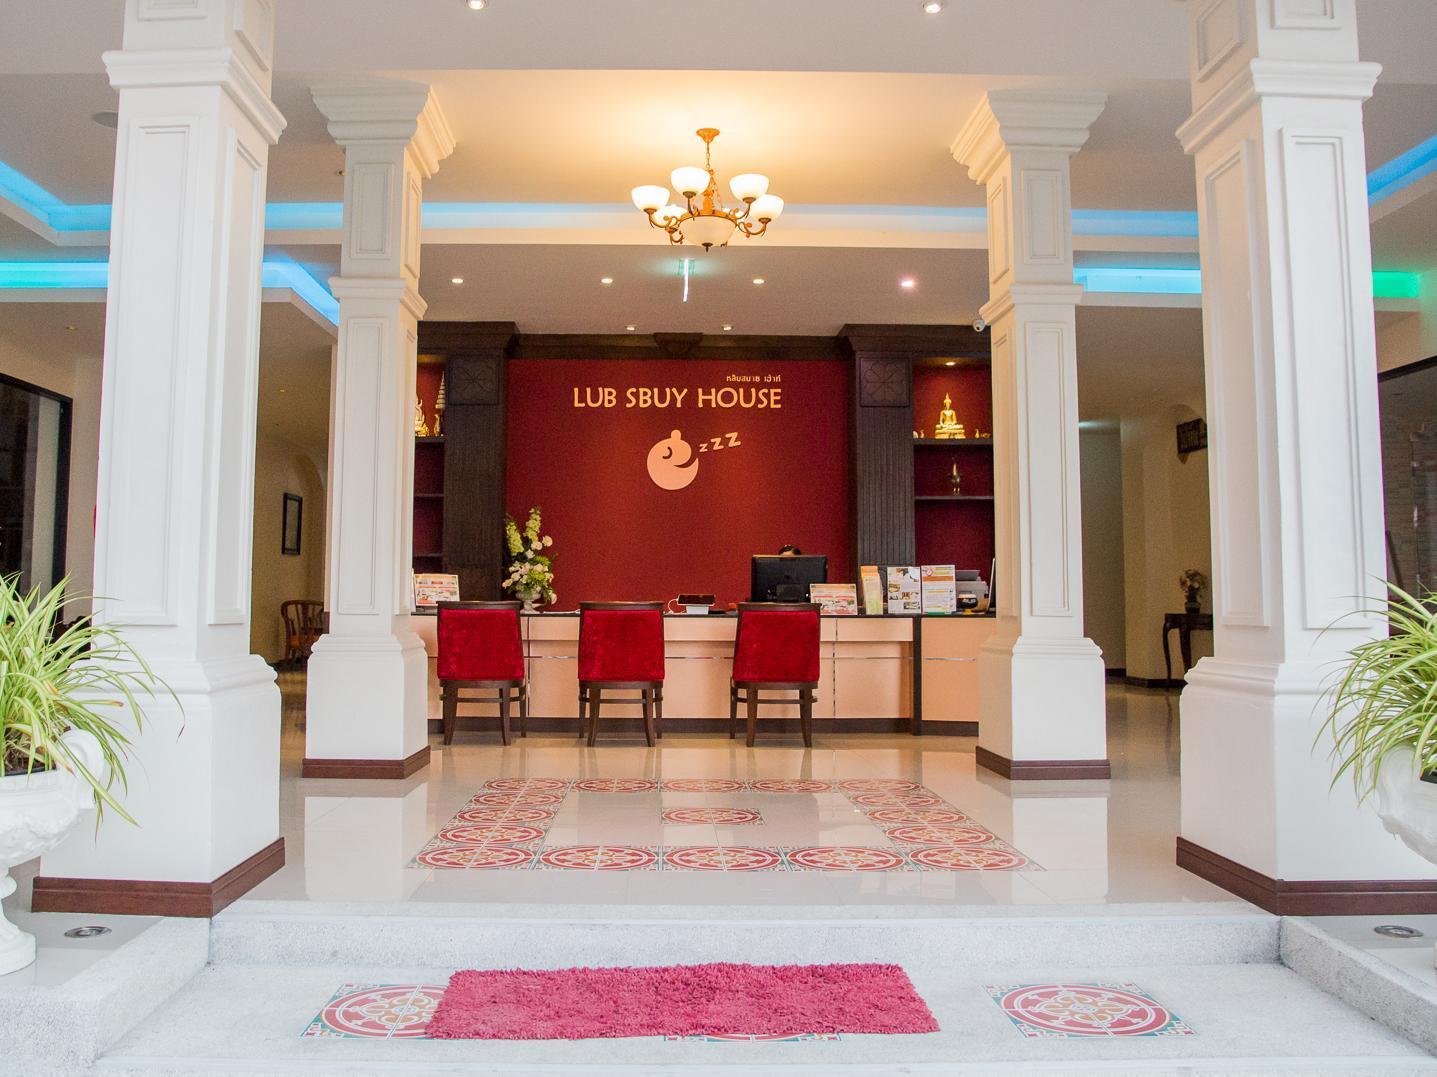 Hotell Lub Sbuy House Hotel i , Phuket. Klicka för att läsa mer och skicka bokningsförfrågan